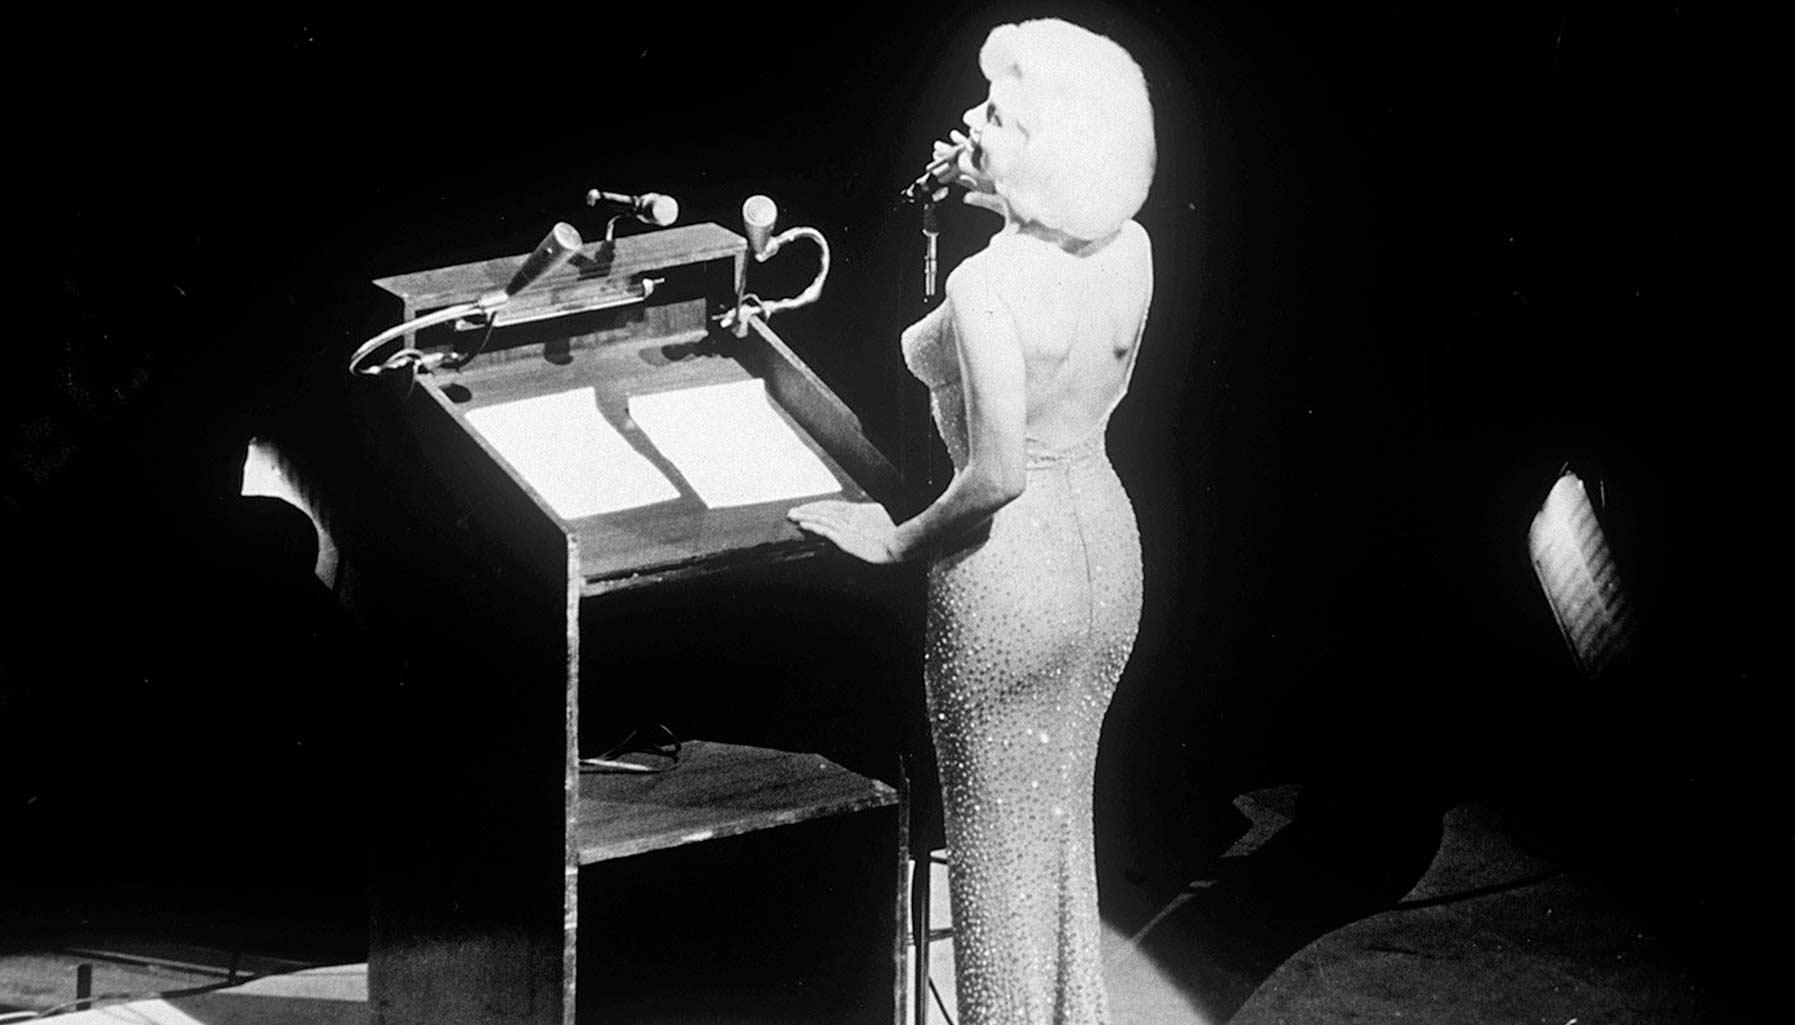 Bộ váy Marilyn Monroe mặc trong tiệc chúc mừng sinh nhật cố Tổng thống John F Kennedy được bán với giá tới hơn 4 triệu USD